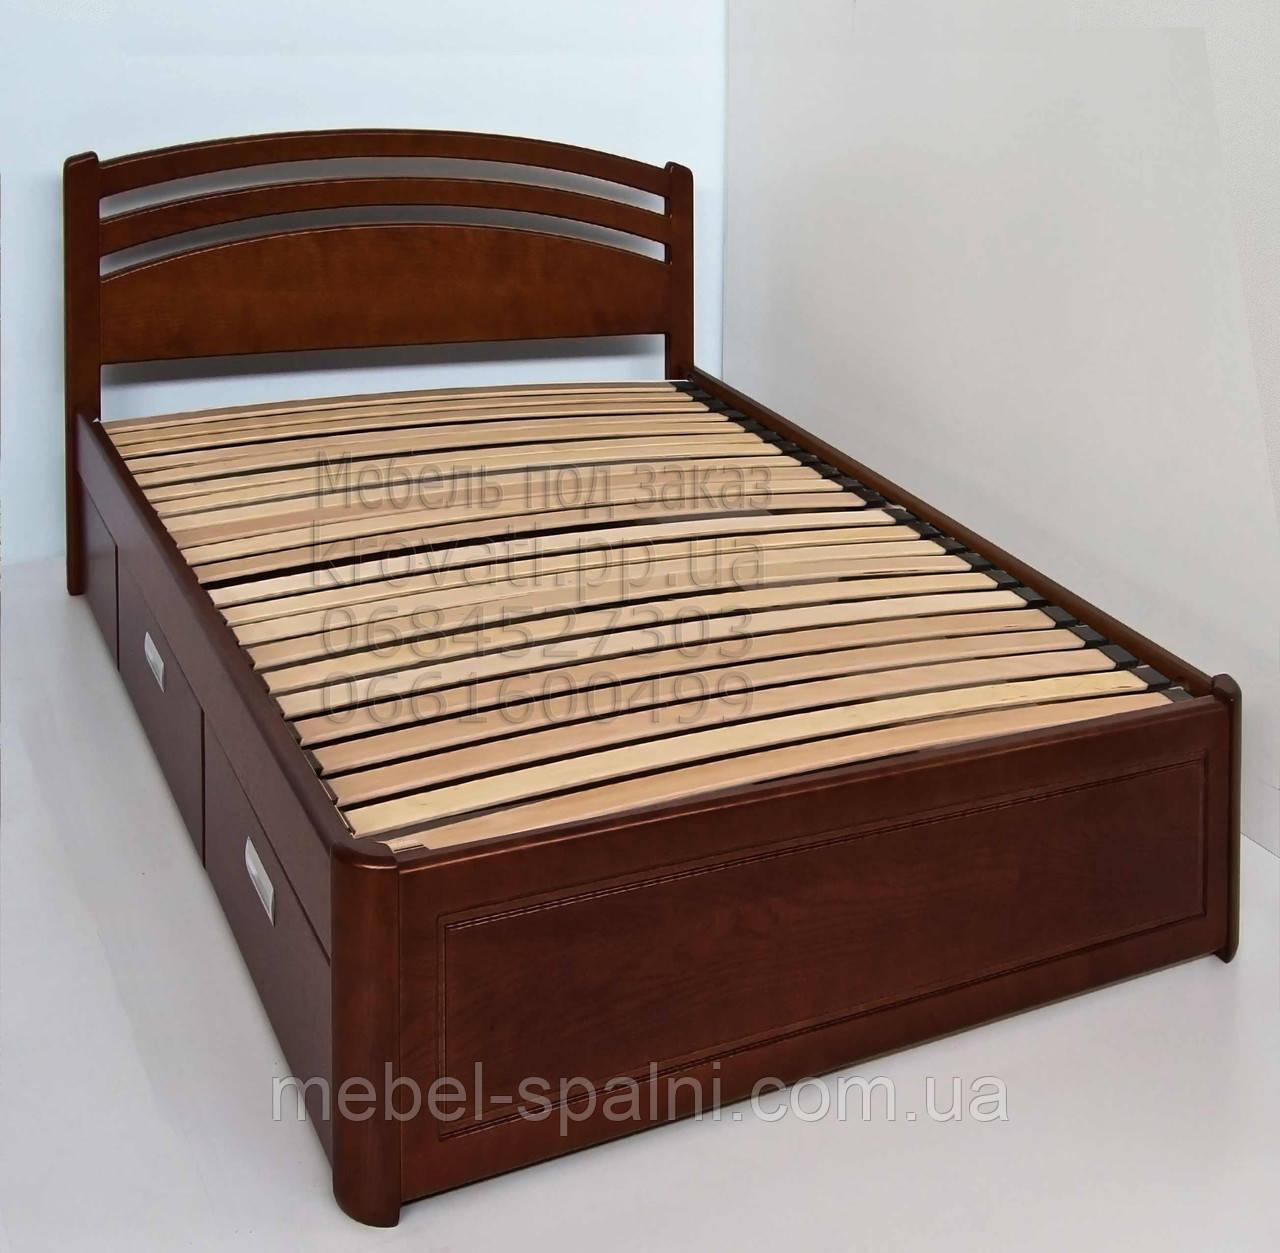 купить харьков кровать деревянная односпальная с ящиками натали